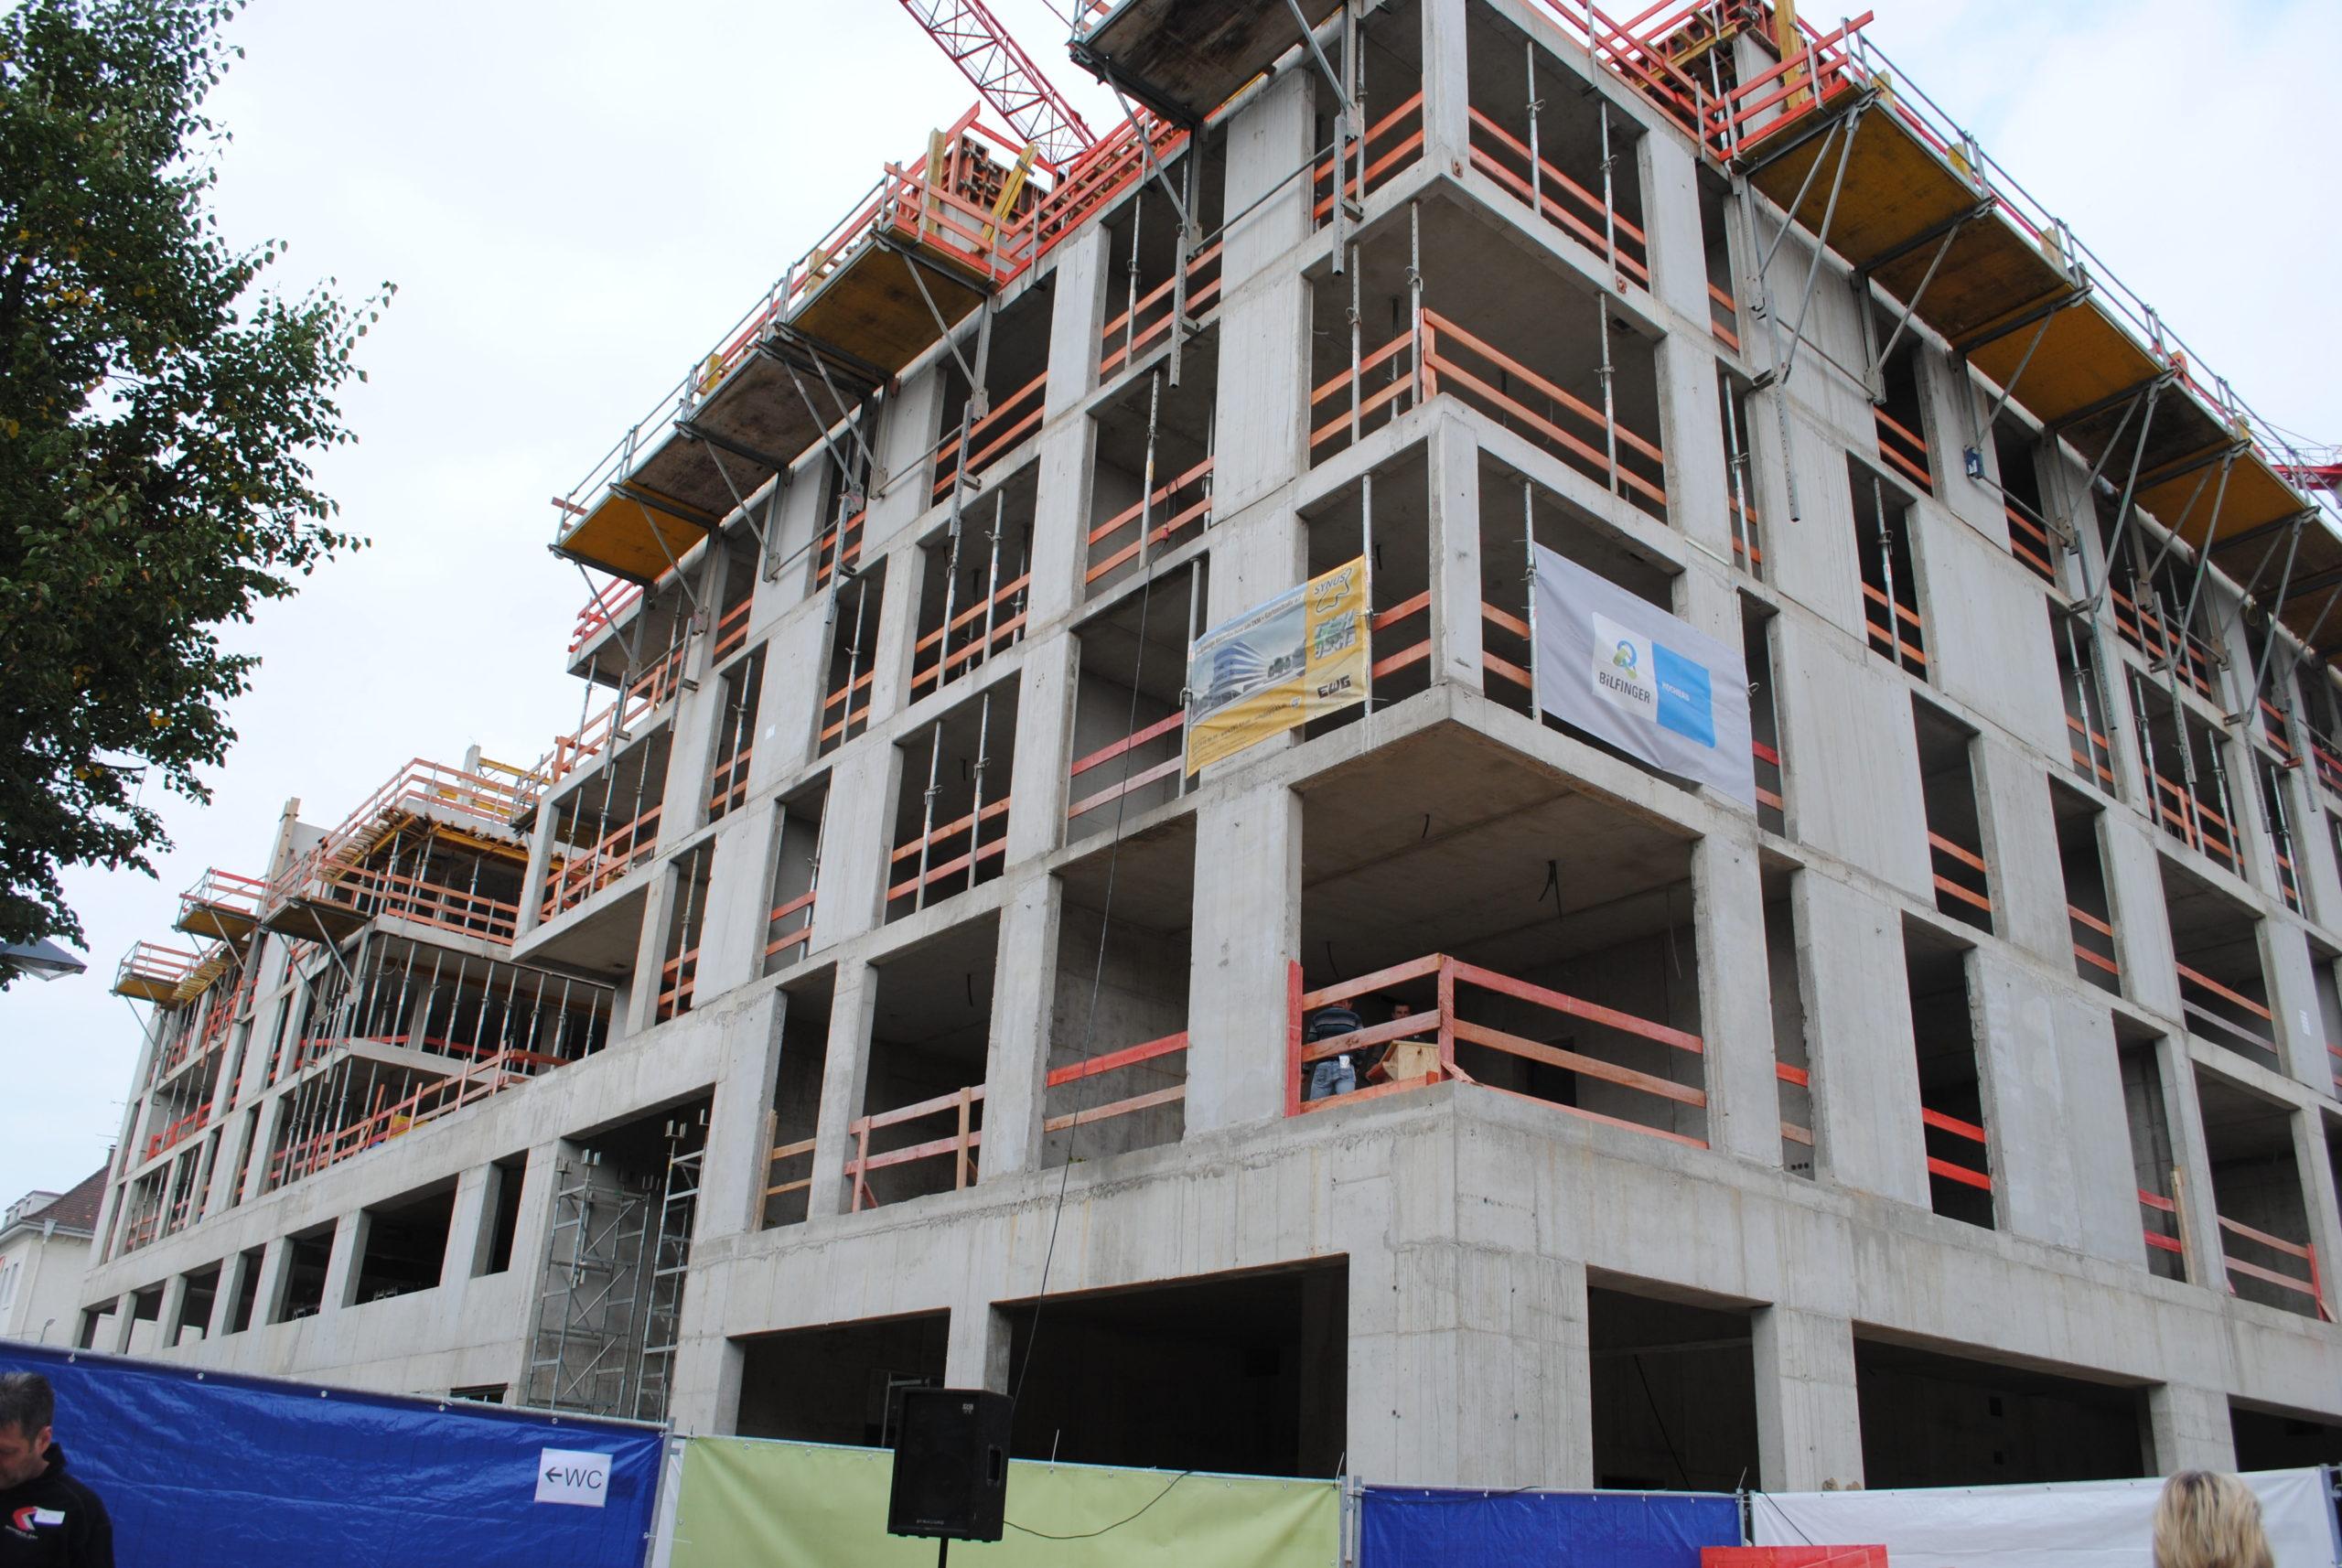 Das Synus-Gebäude im Bau - Außenansicht Stockwerke